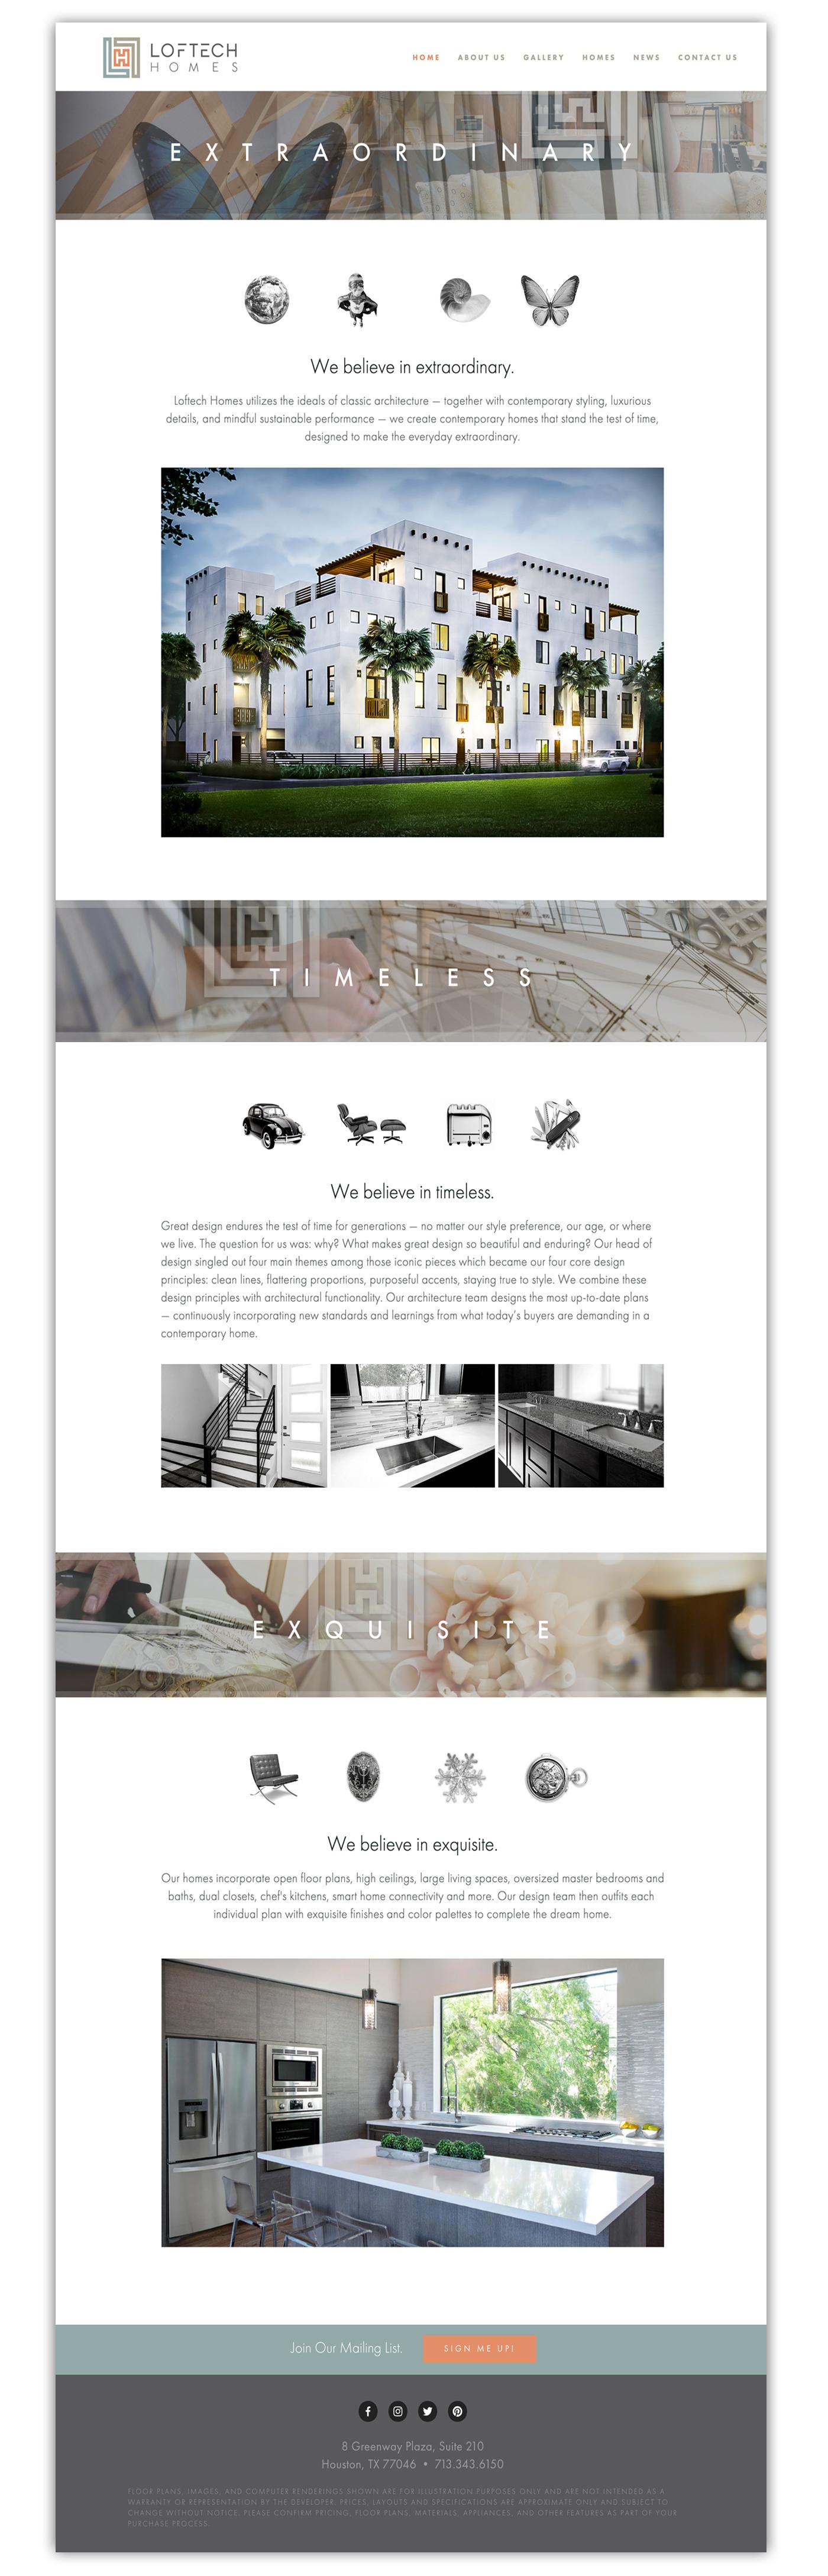 Loftech_Website-2.jpg